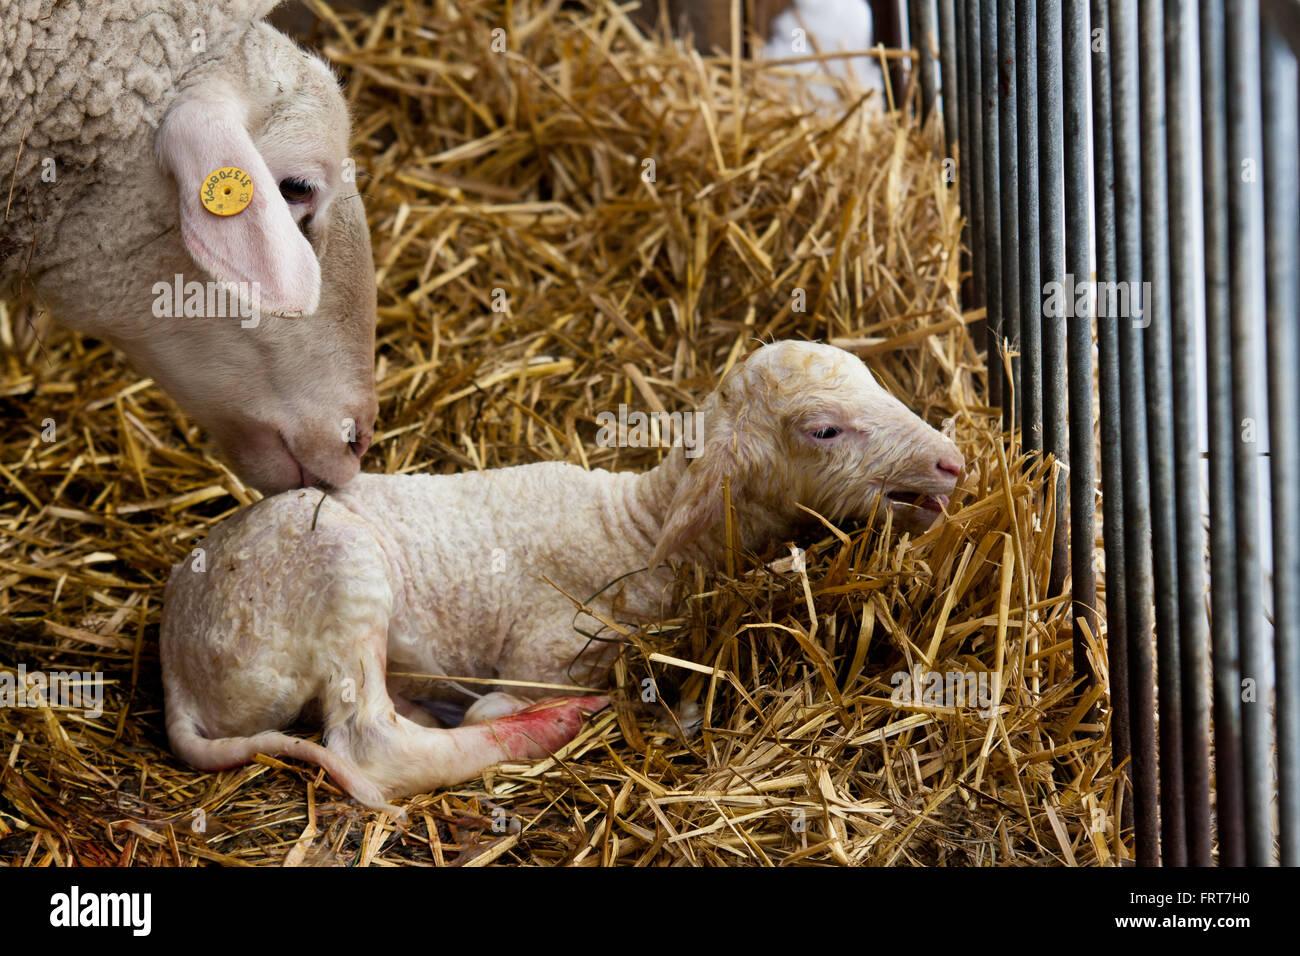 Ewe cleaning her newborn lamb. - Stock Image